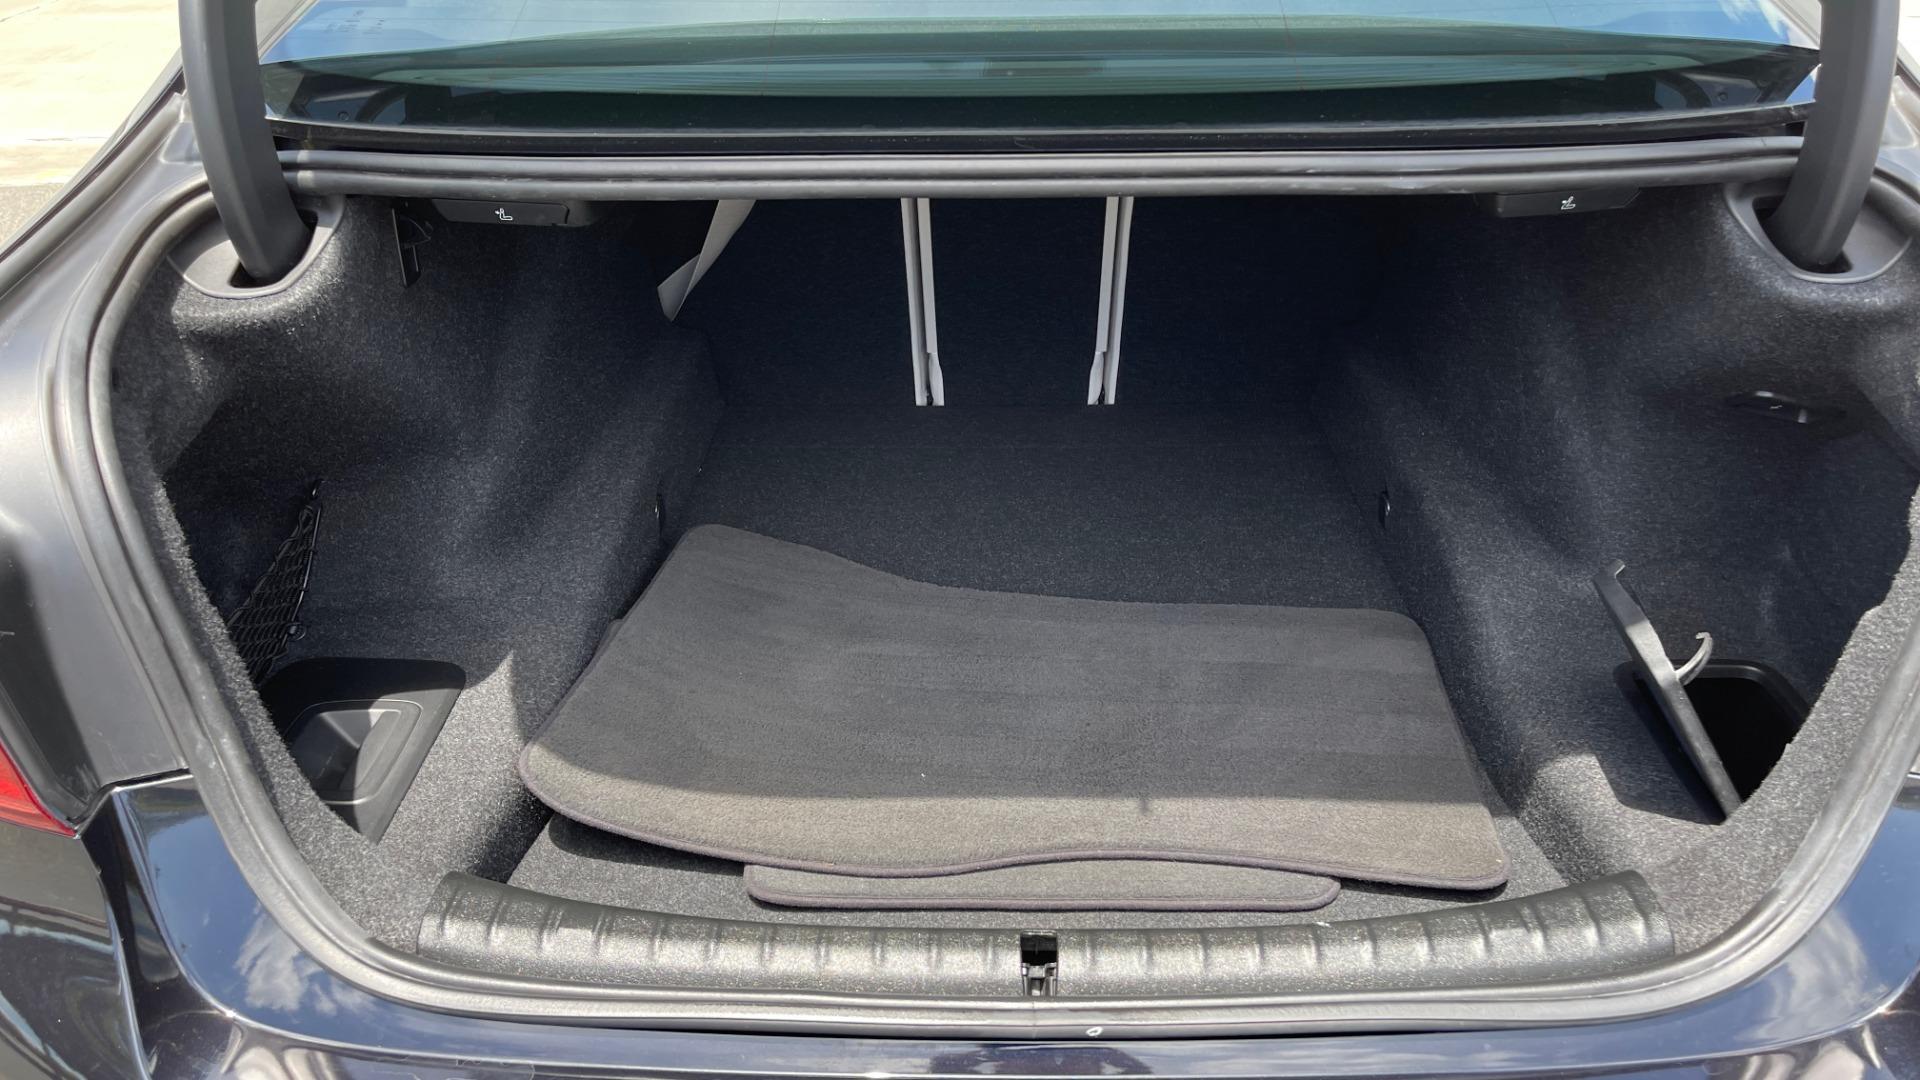 Used 2018 BMW 5 SERIES 540I M-SPORT / EXECUTIVE PKG / DRVR ASST PKG / BLIND SPOT / LANE DEPART for sale $40,995 at Formula Imports in Charlotte NC 28227 21